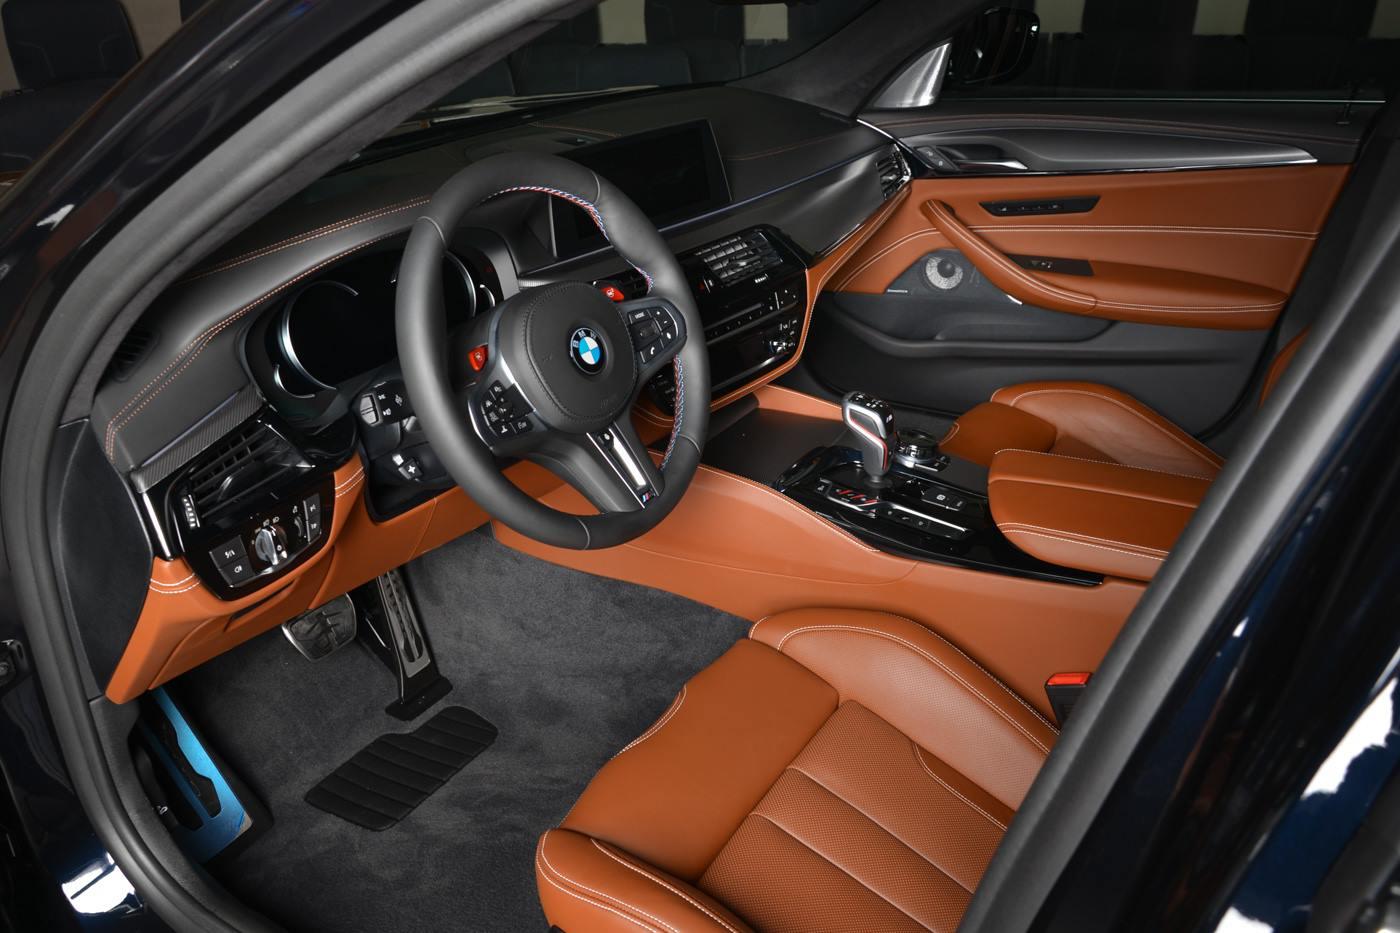 2018 BMW M5 in Azurite Black is schitterend ...